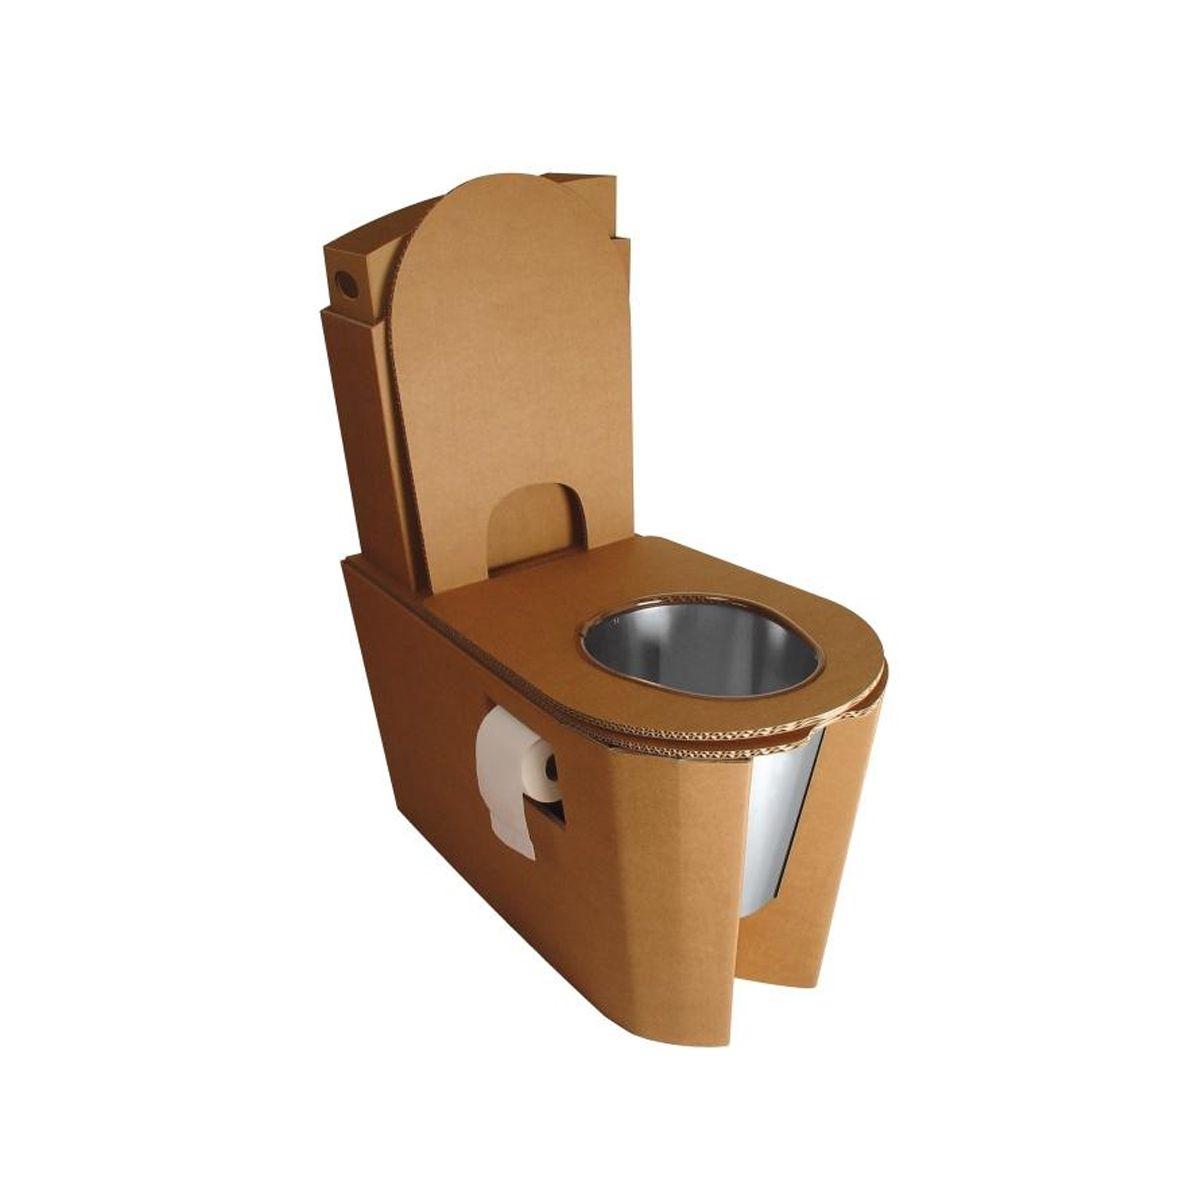 Toilettes Sèches En Appartement toilette sèche buzz en carton| kenzaï matériaux Écologiques